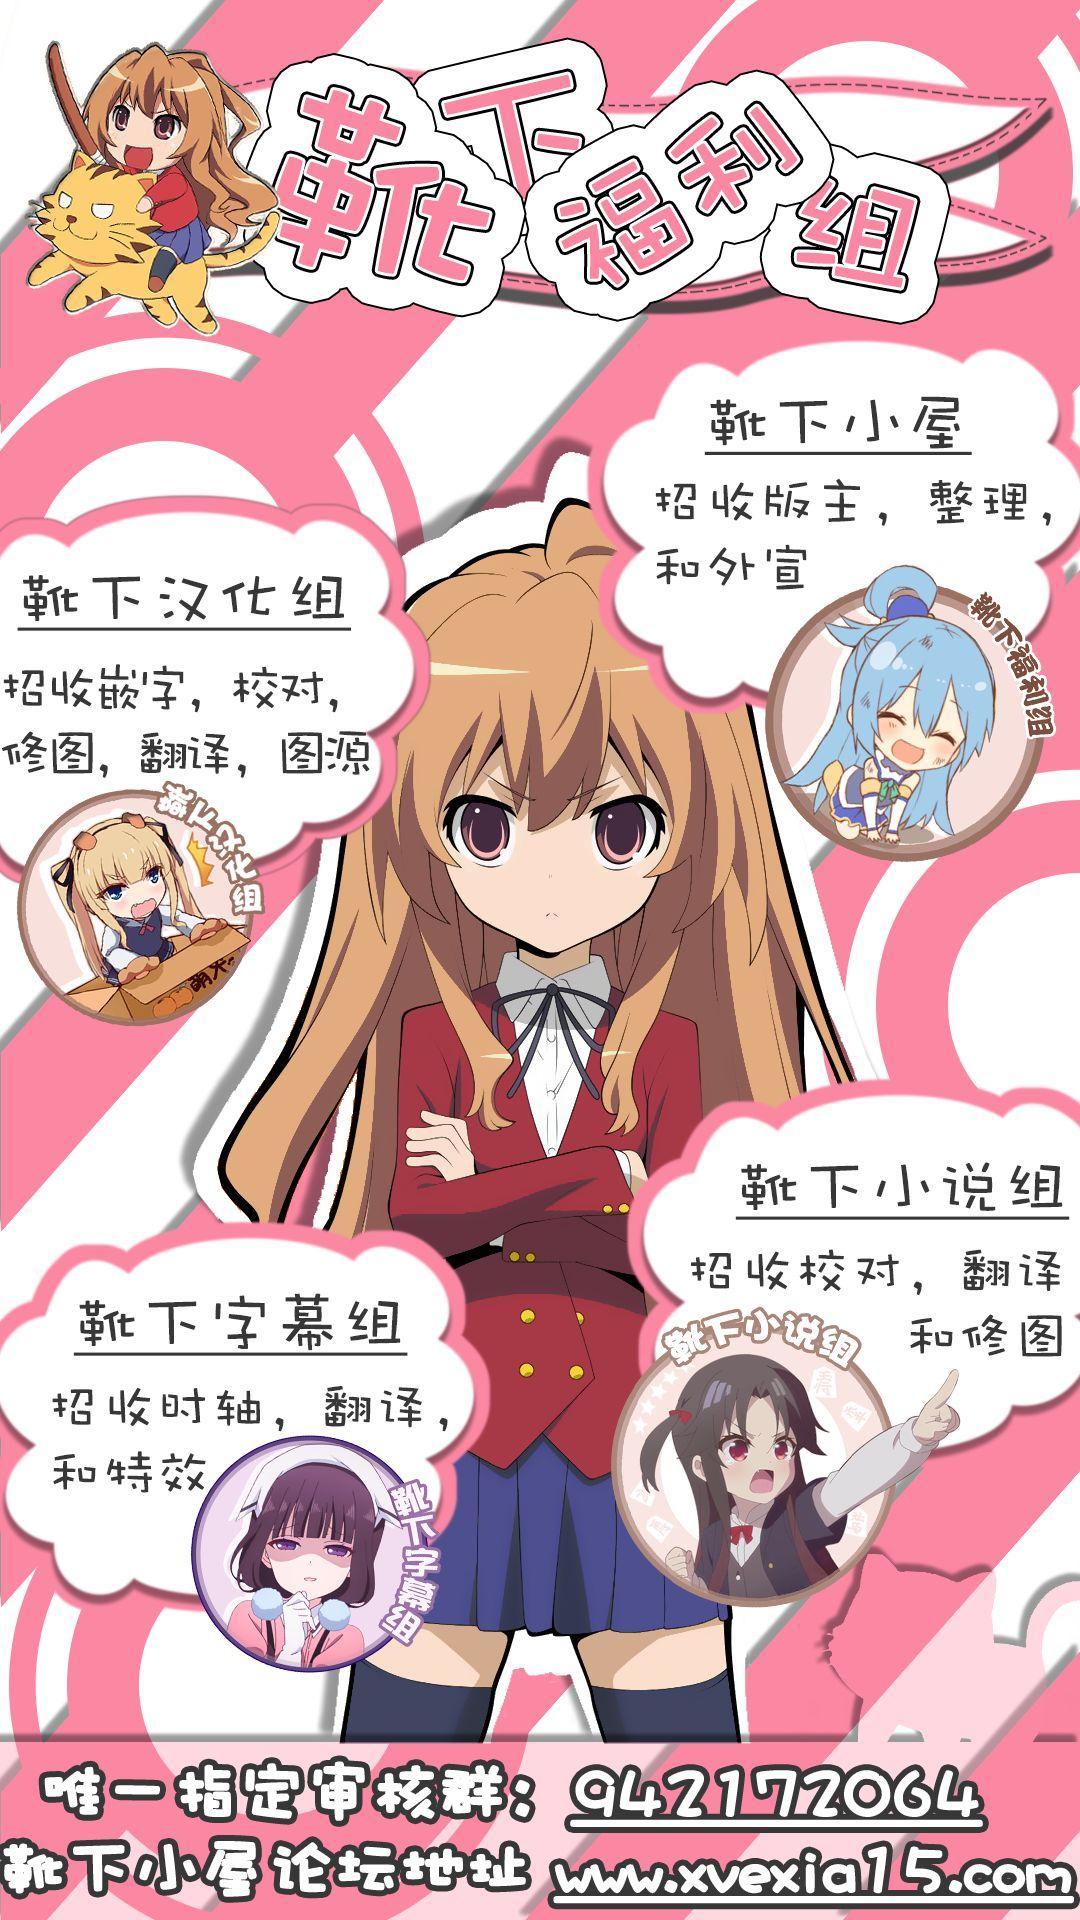 Astolfo-kun to Nenmatsu ni Ichaicha Sugosu Hon 43